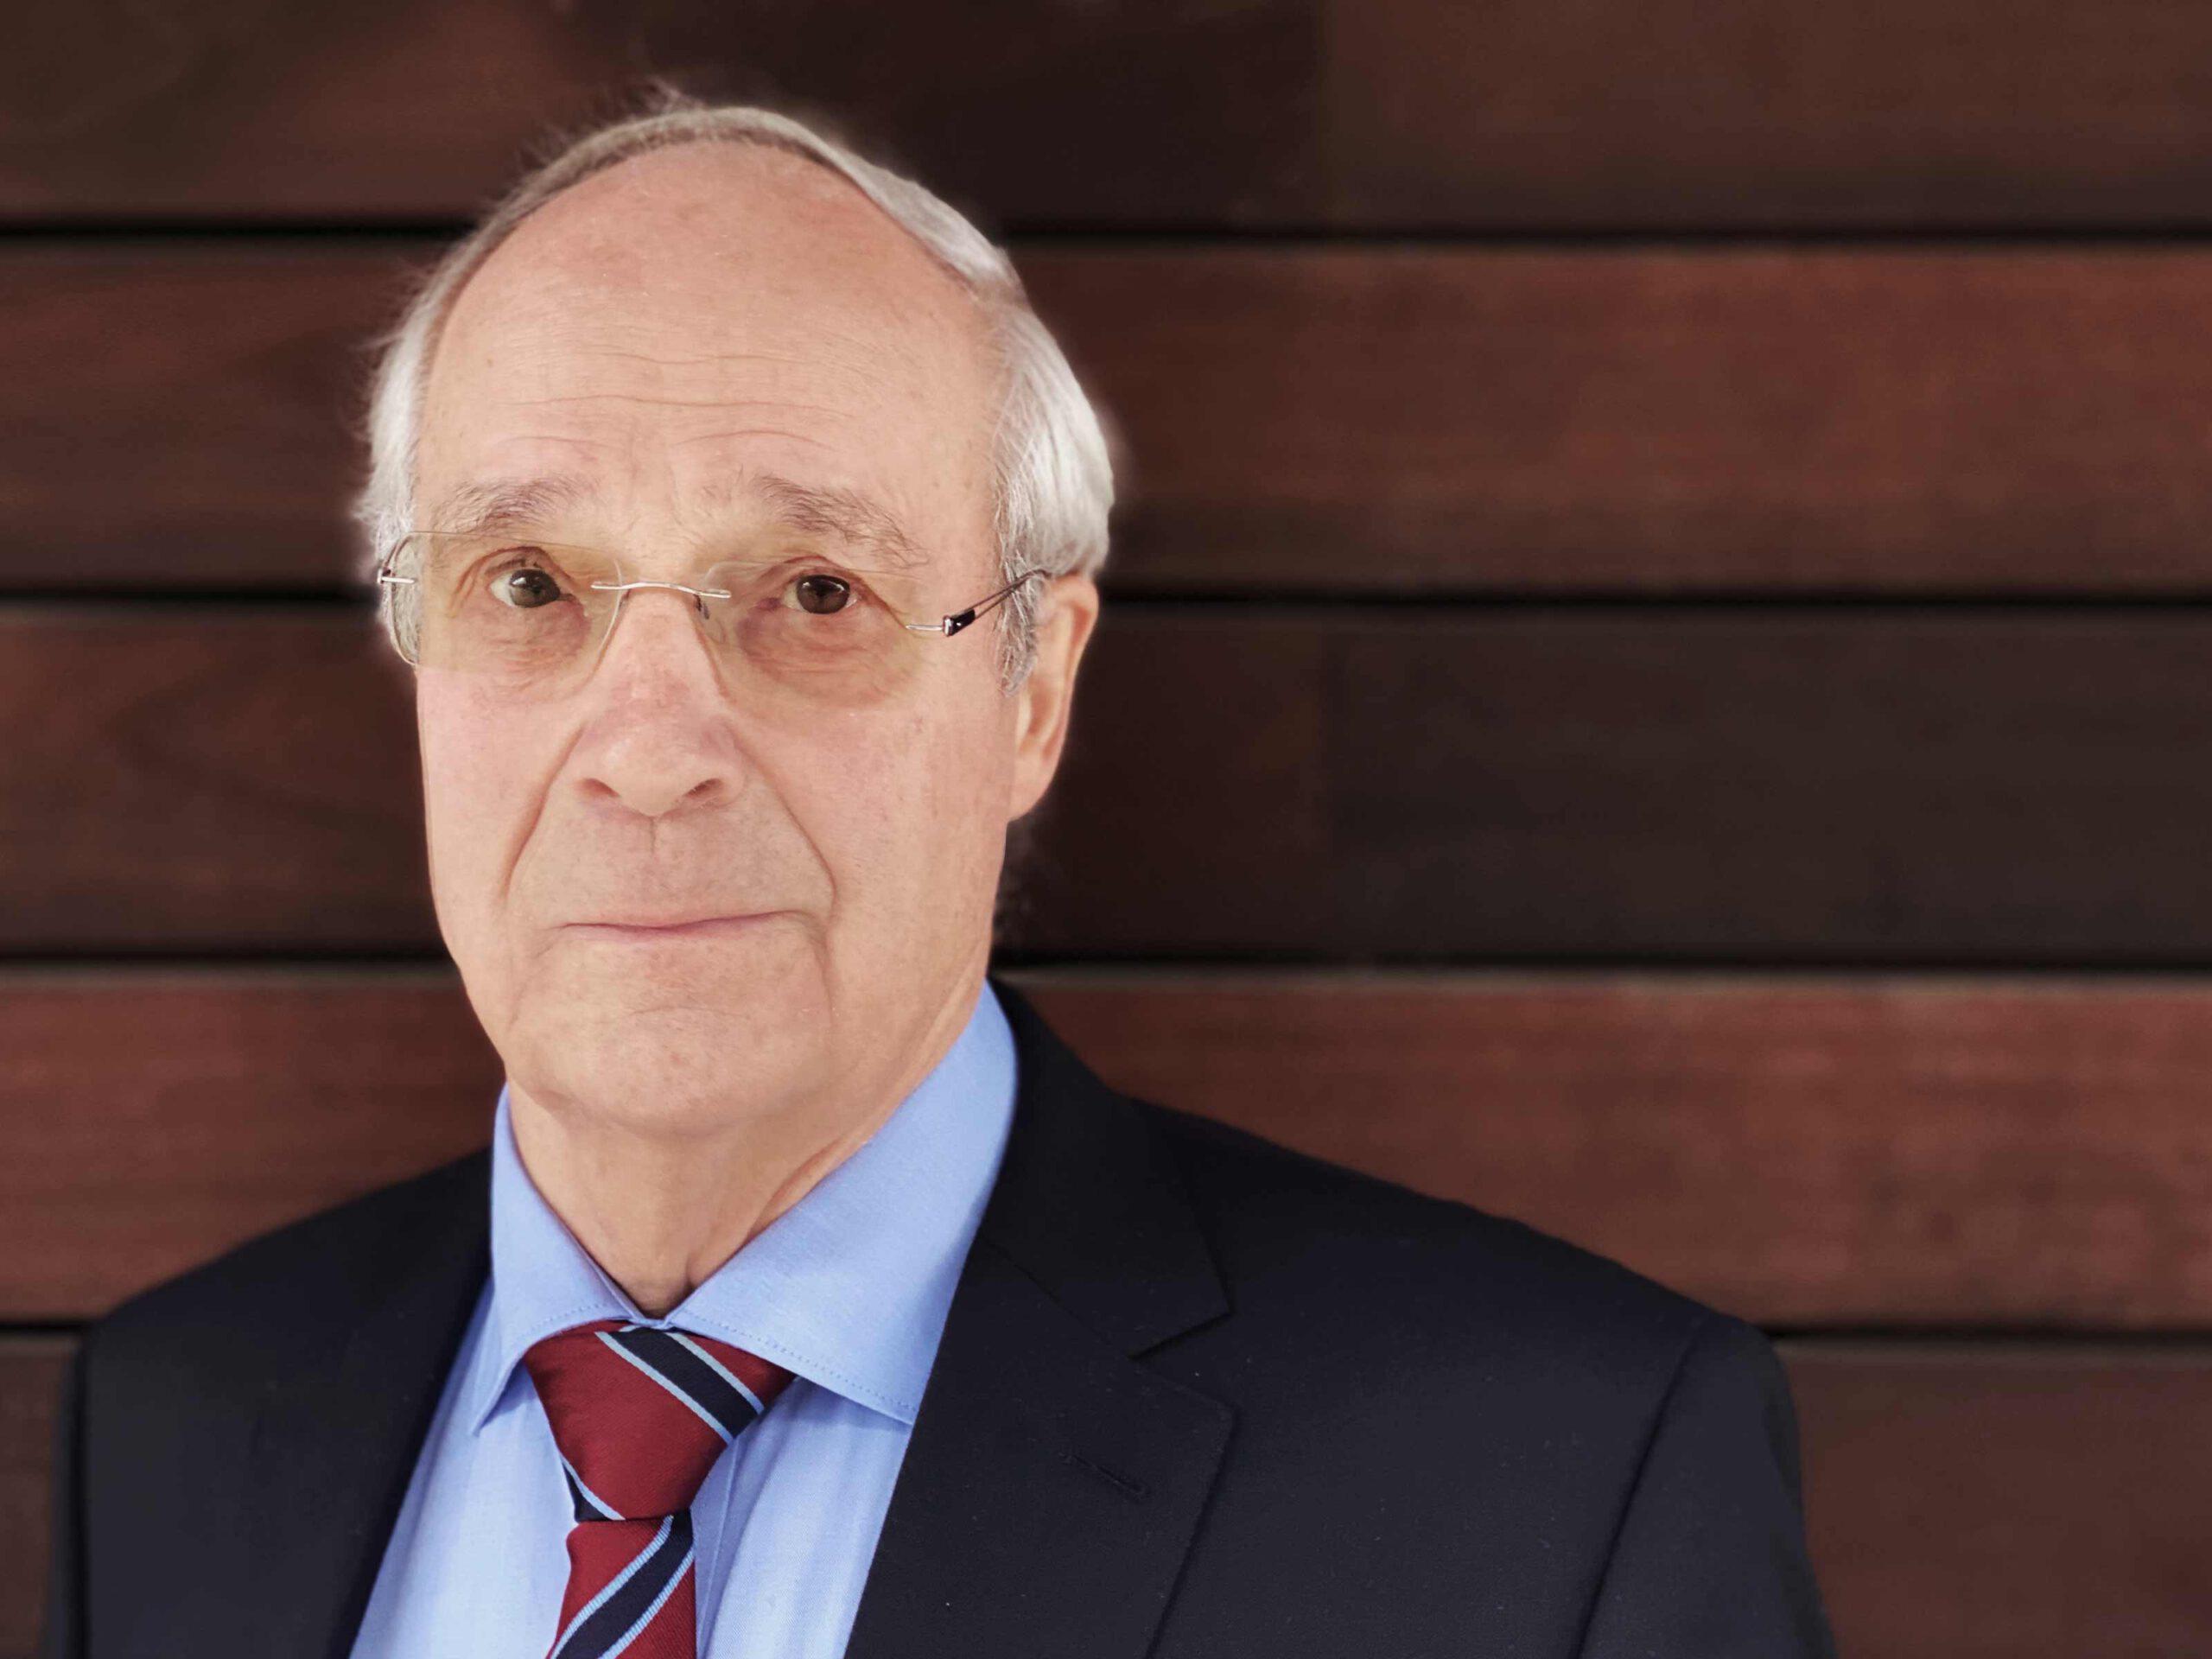 DR. GOTTFRIED VOLKMANN